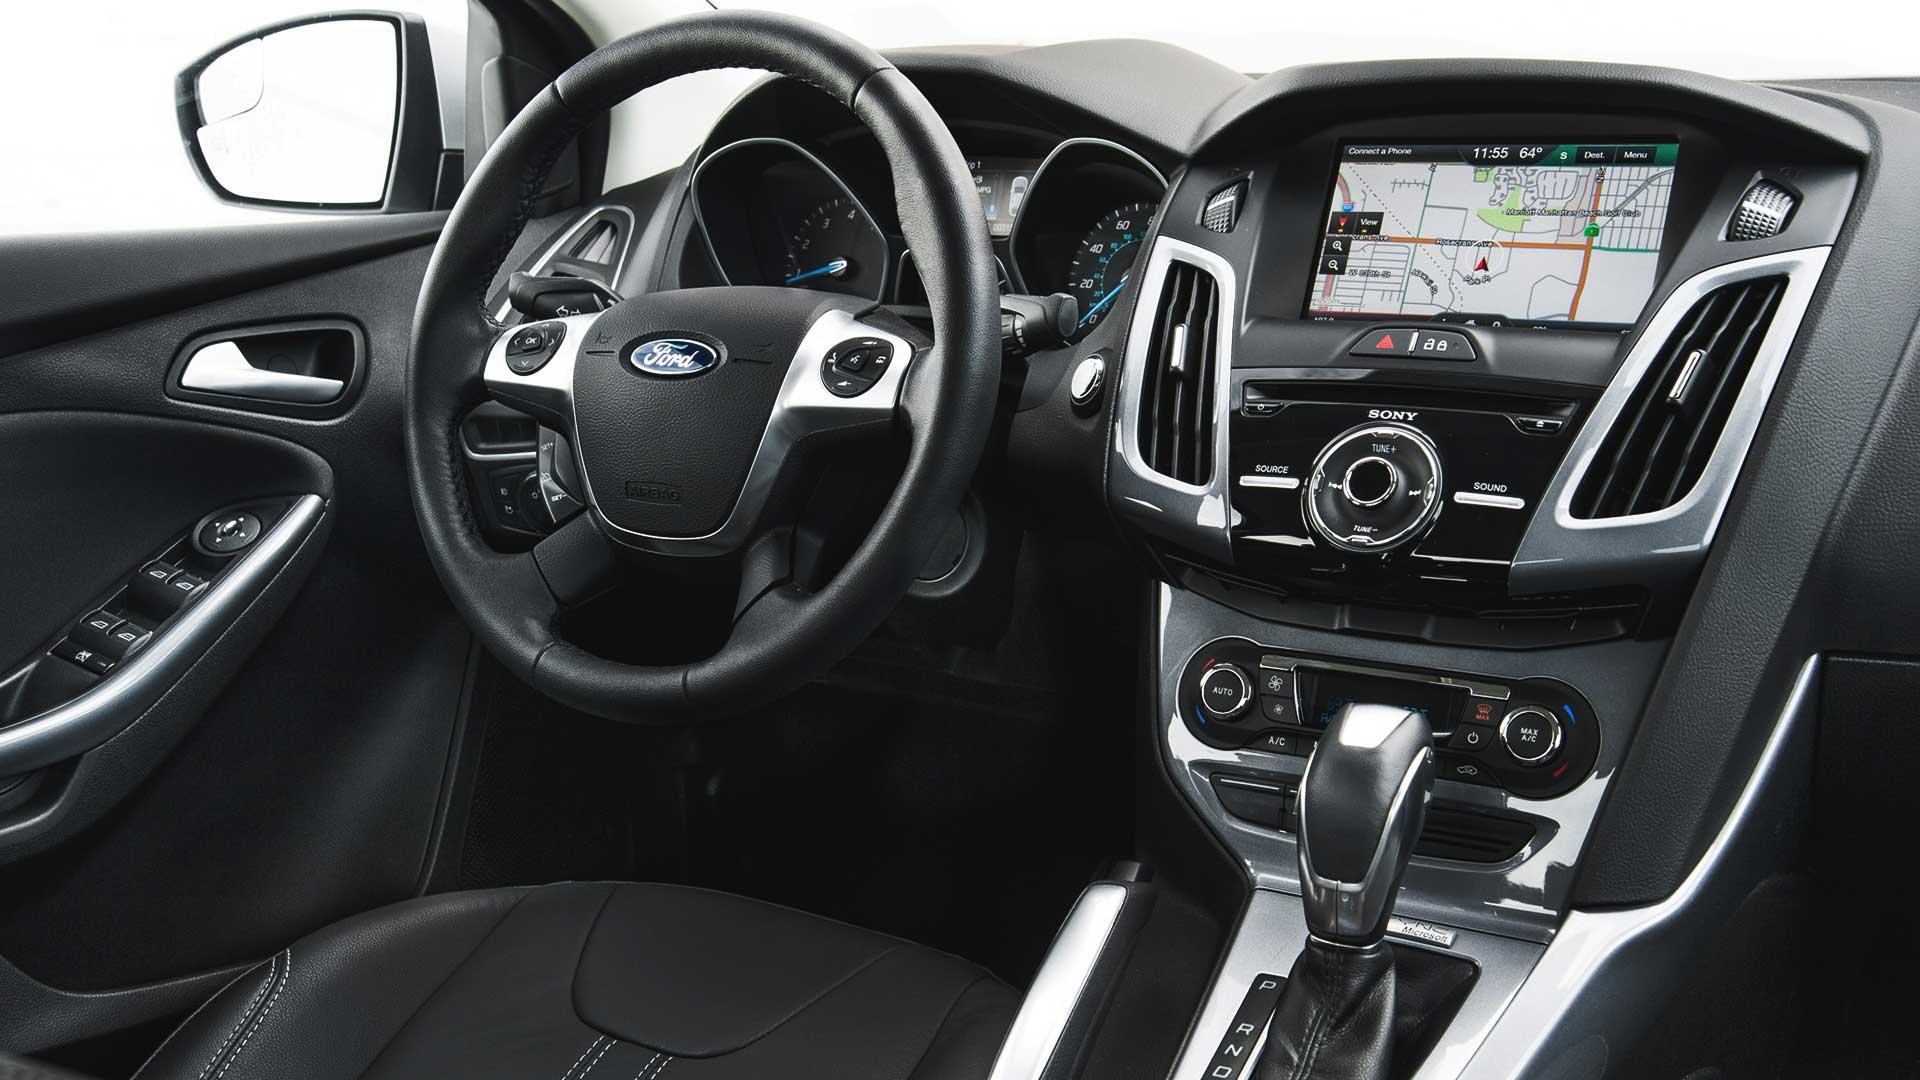 ford focus steering wheel lock